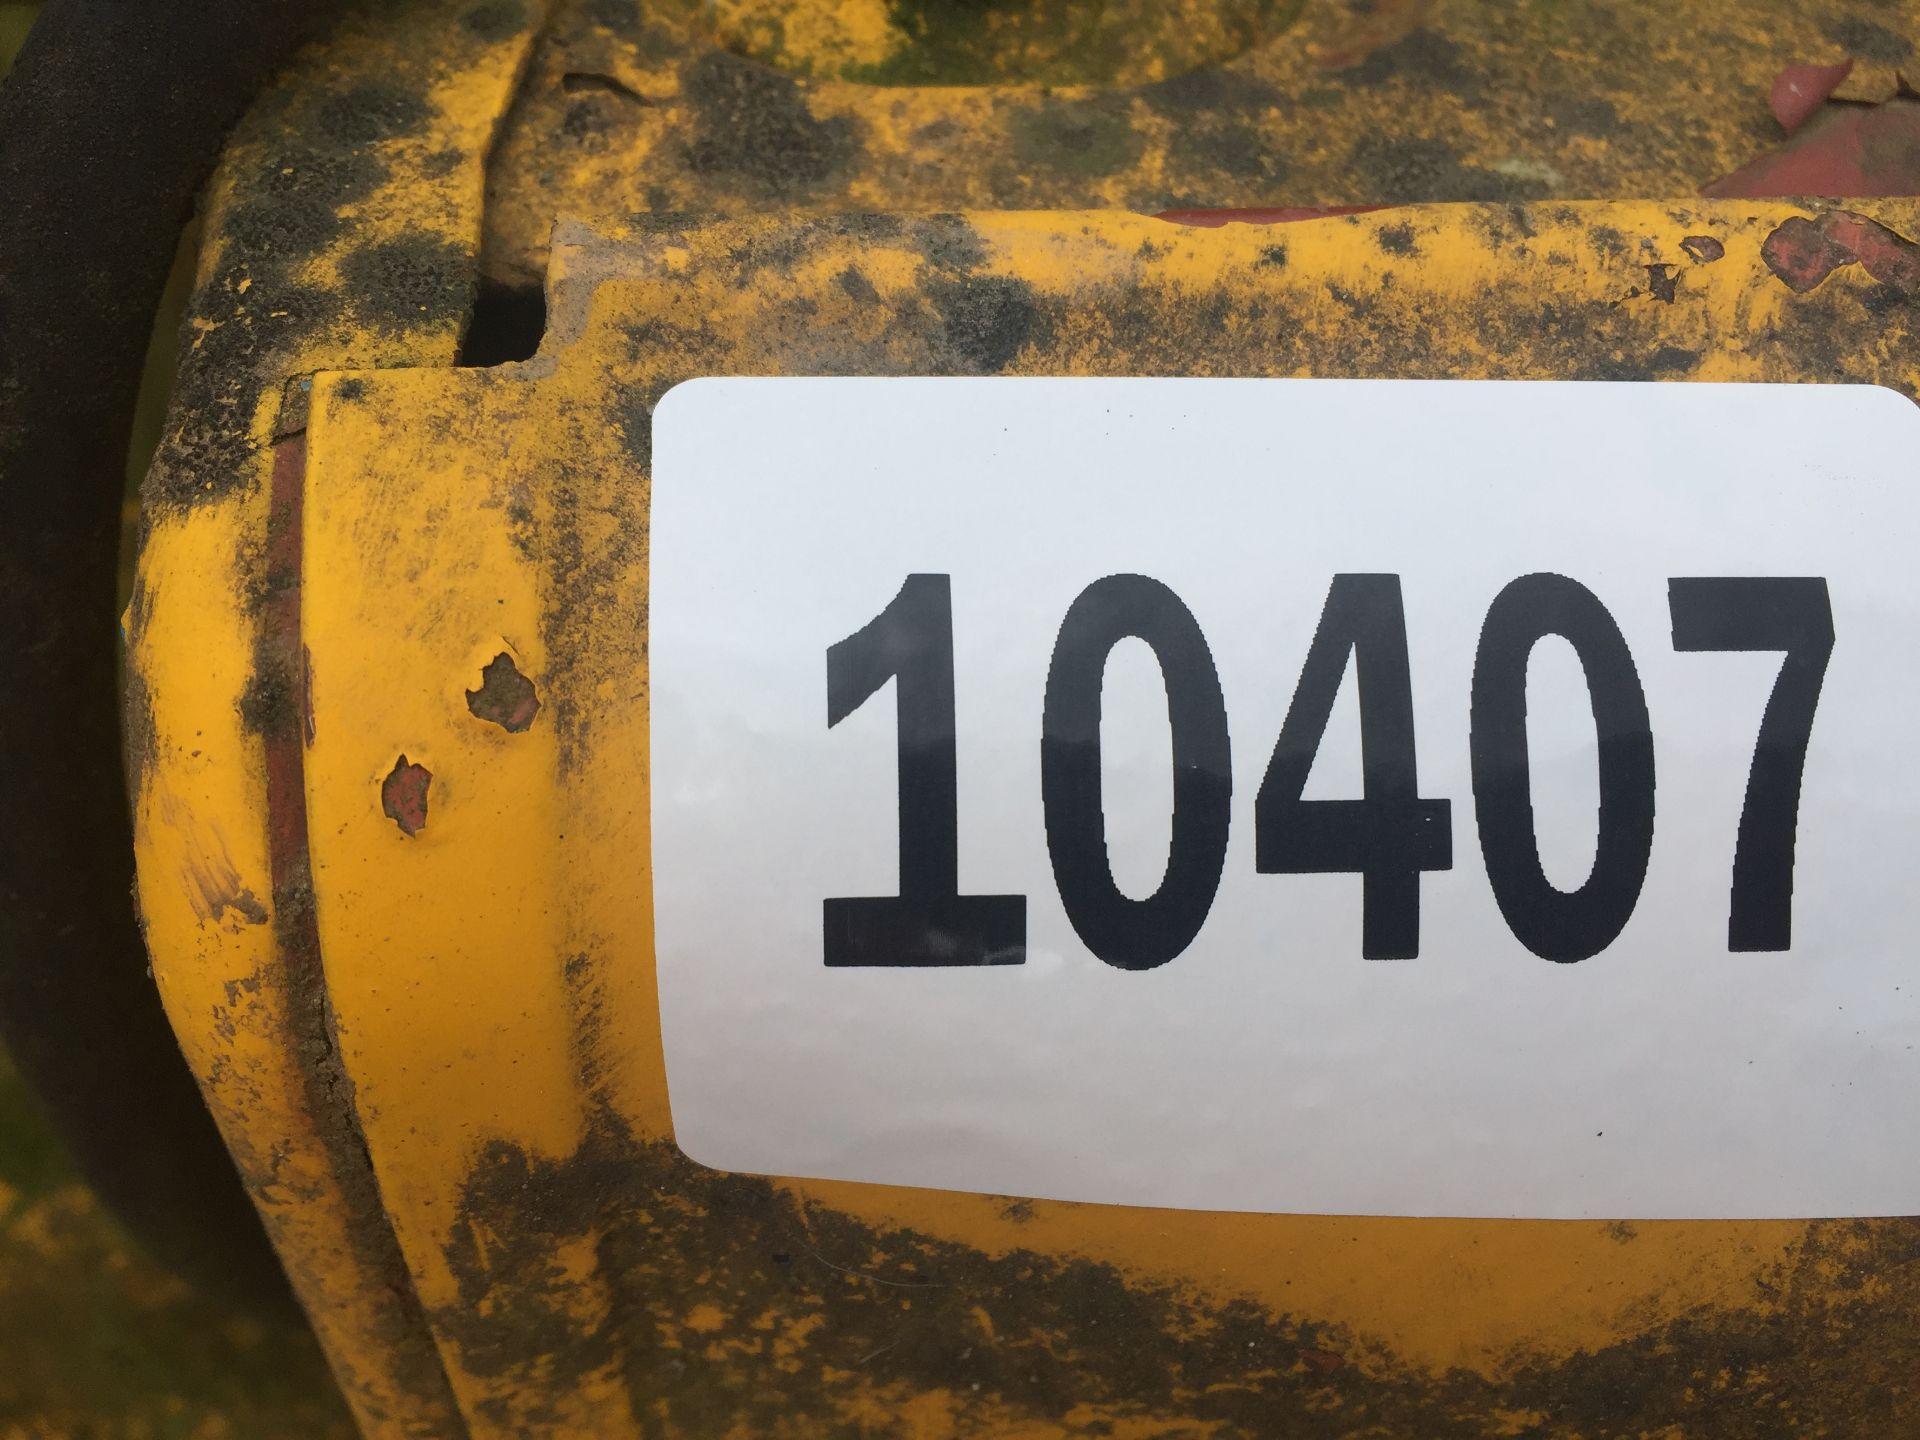 Lot 1139 - PL-10407